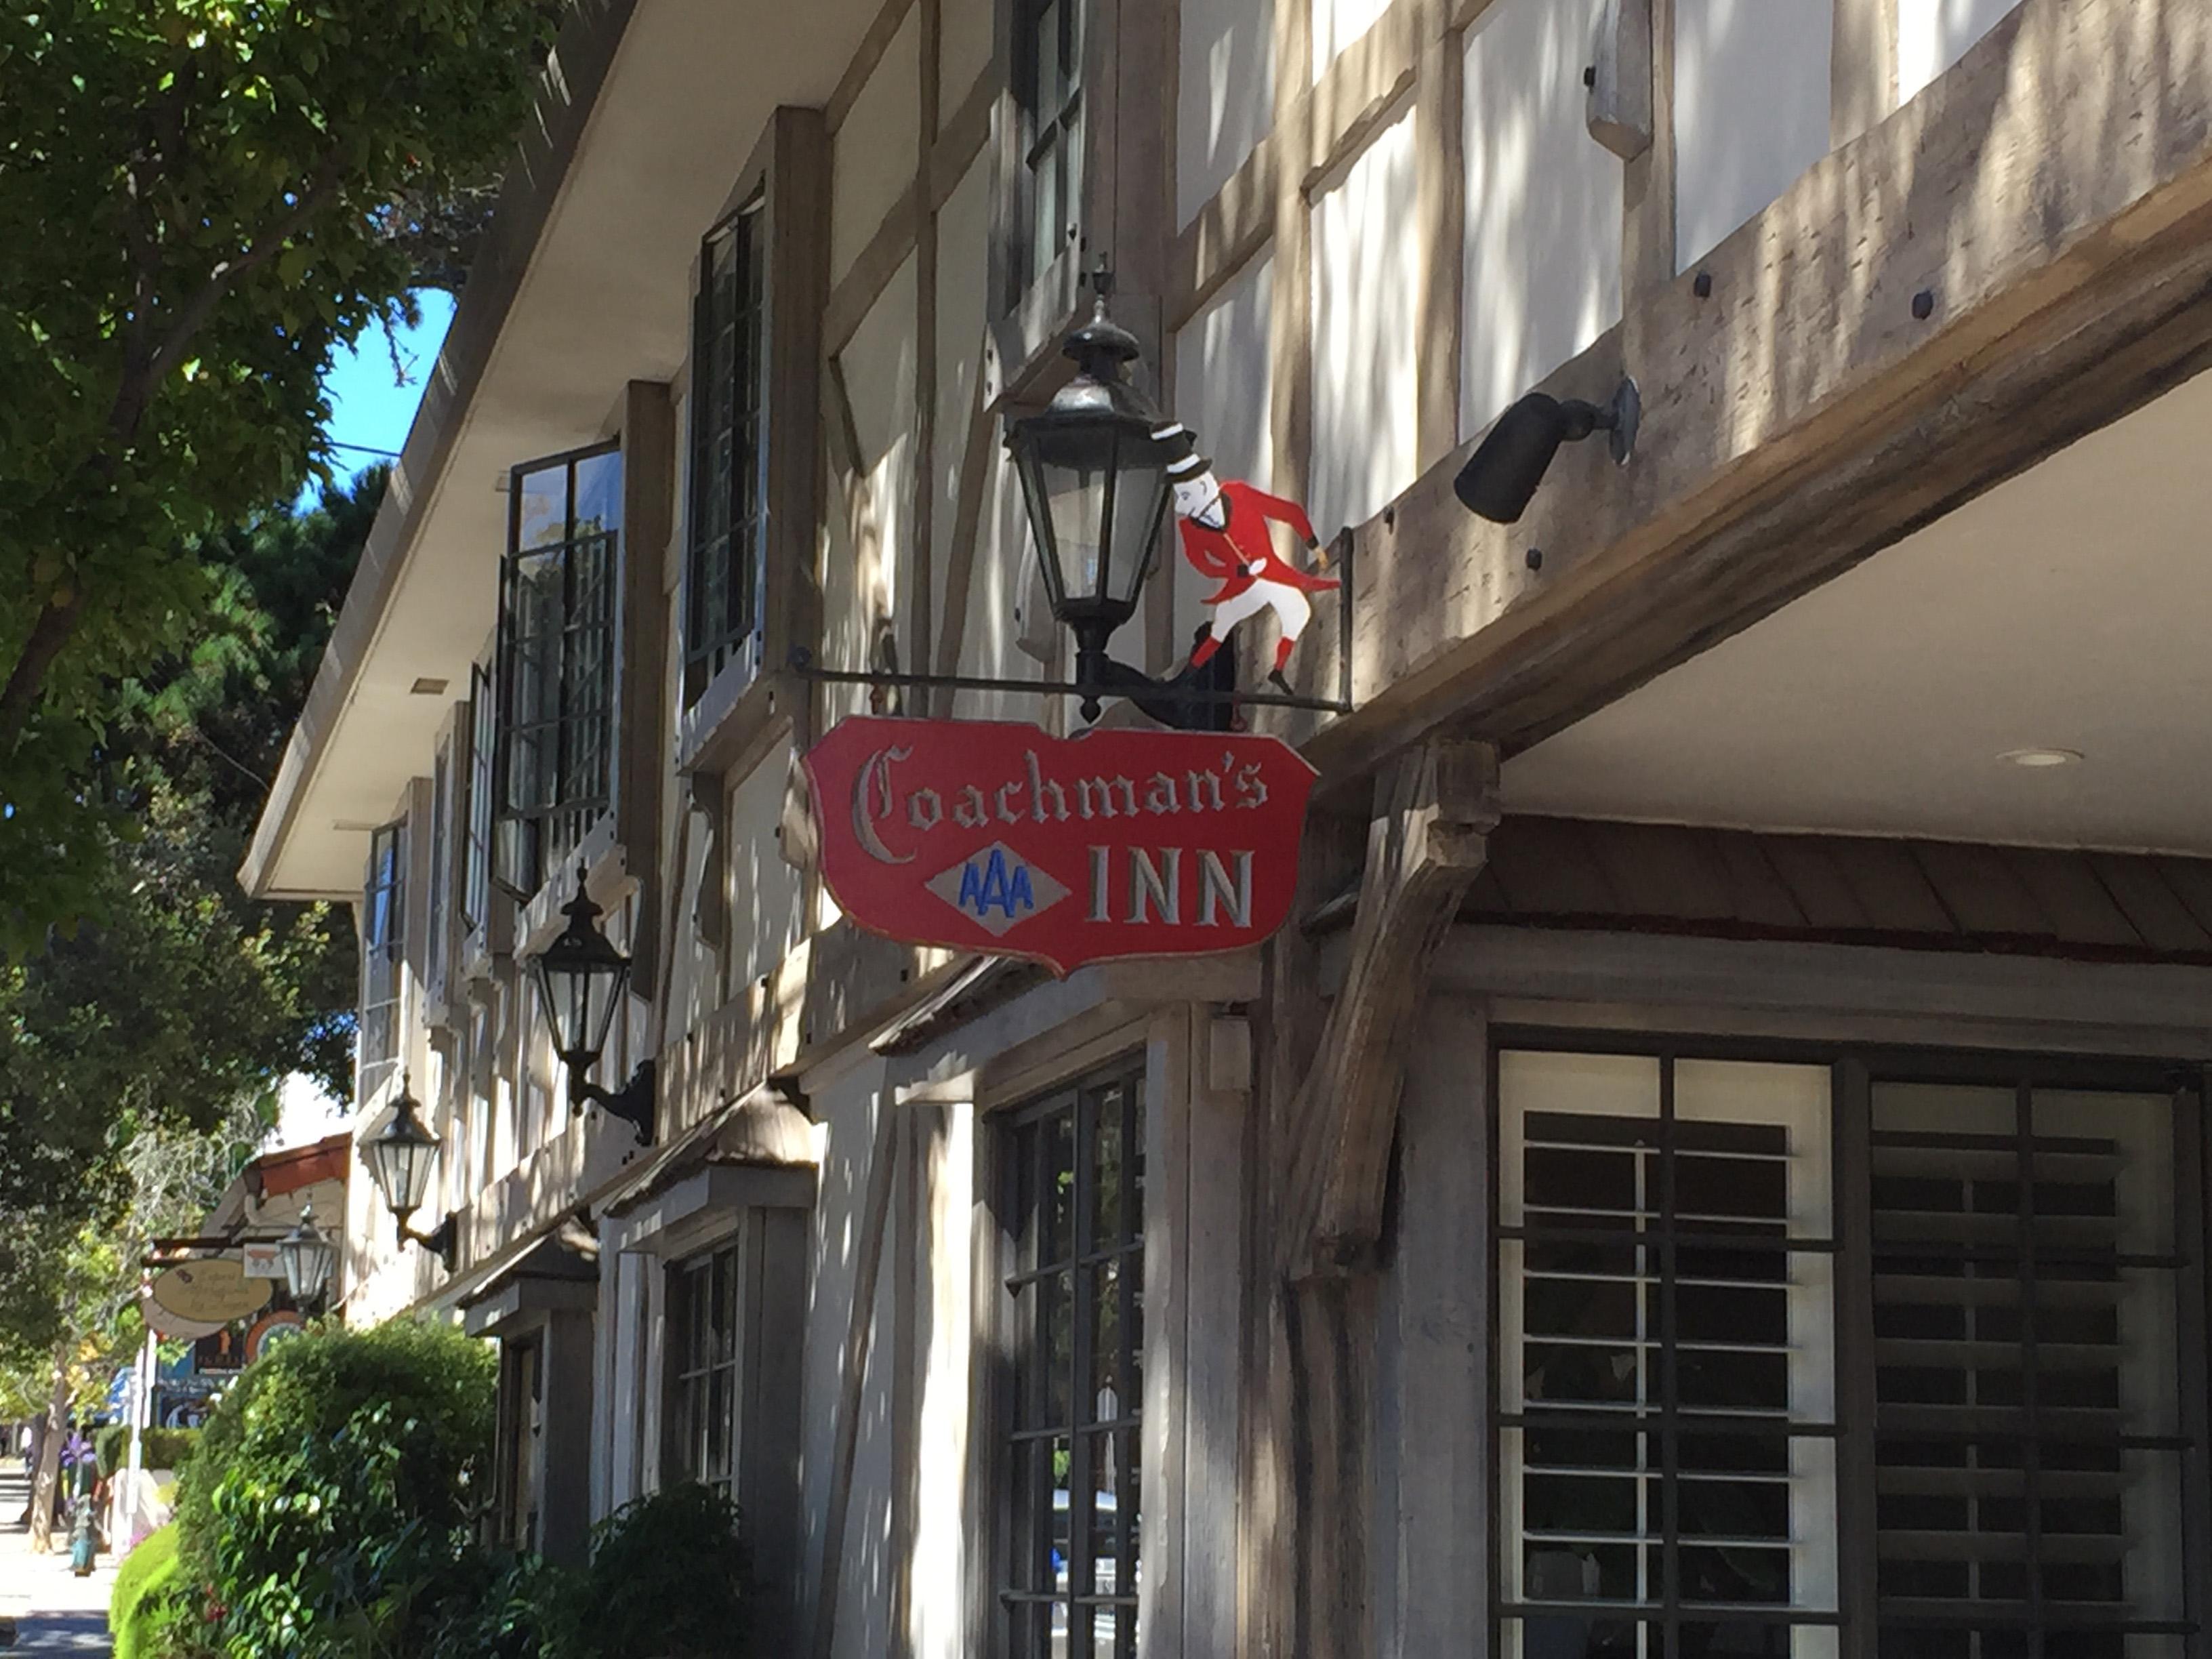 Coachman's Inn Facade